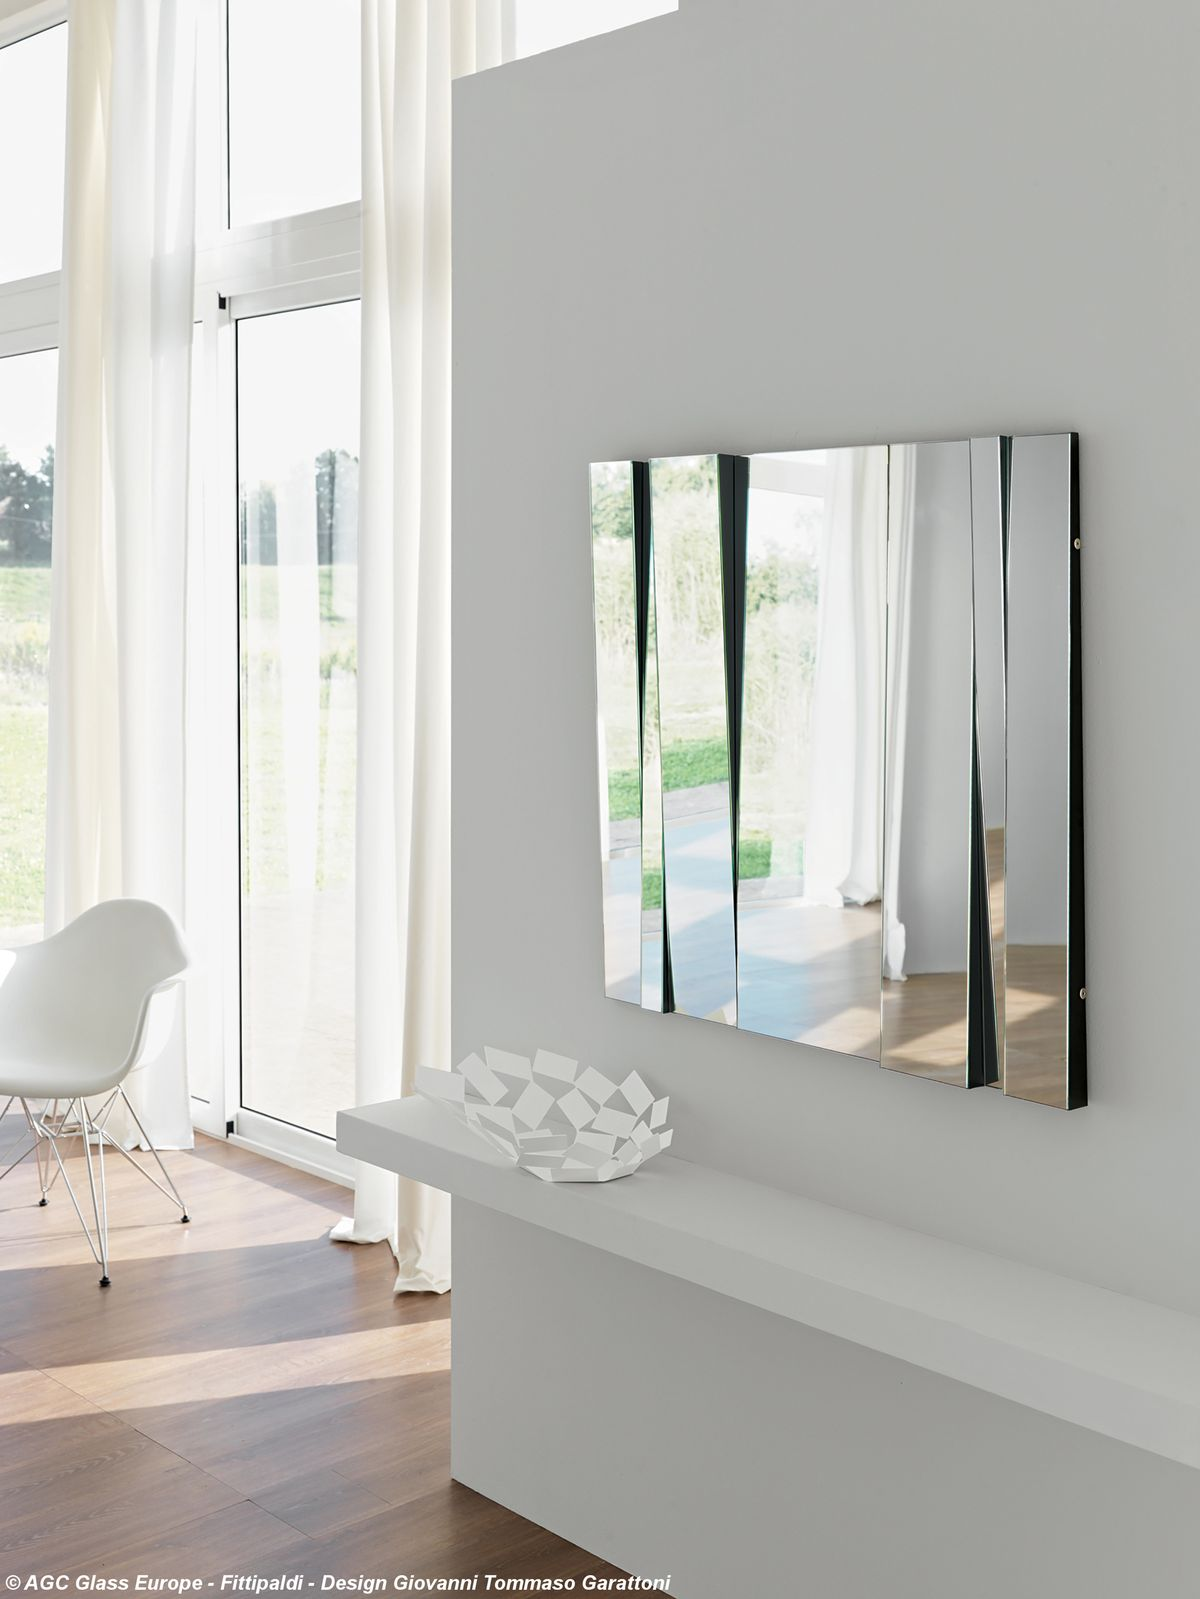 Specchio FITTIPALDI, design Giovanni Tommaso Garattoni